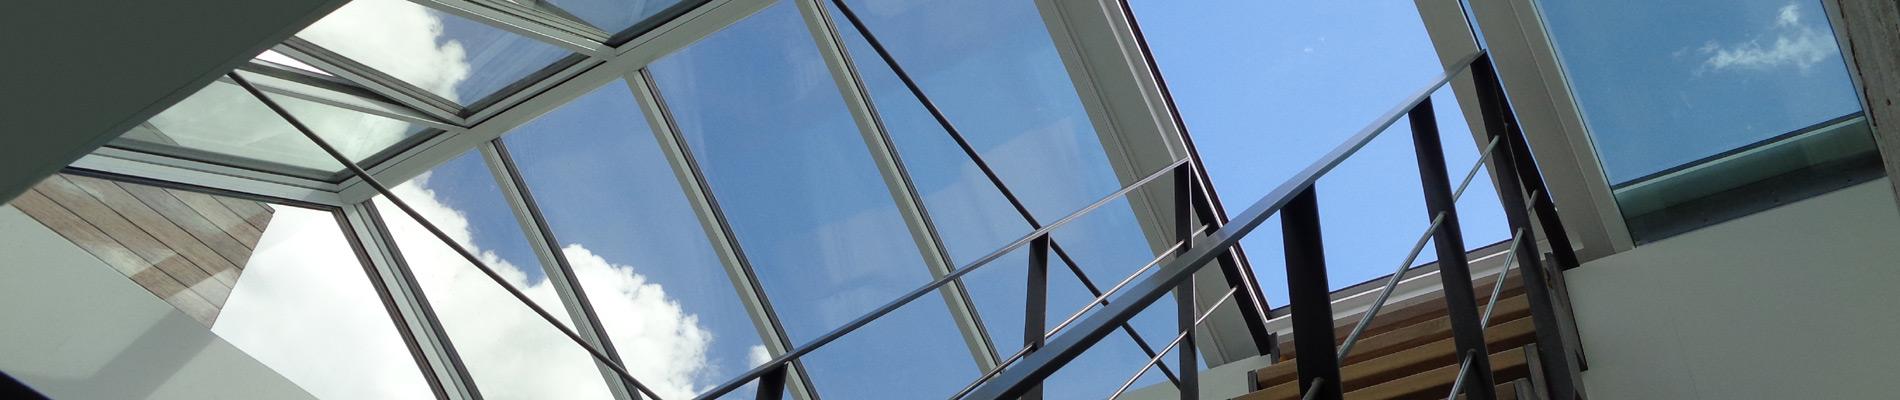 Innenansicht eines Dachausstiegsfensters in einem Satteldach